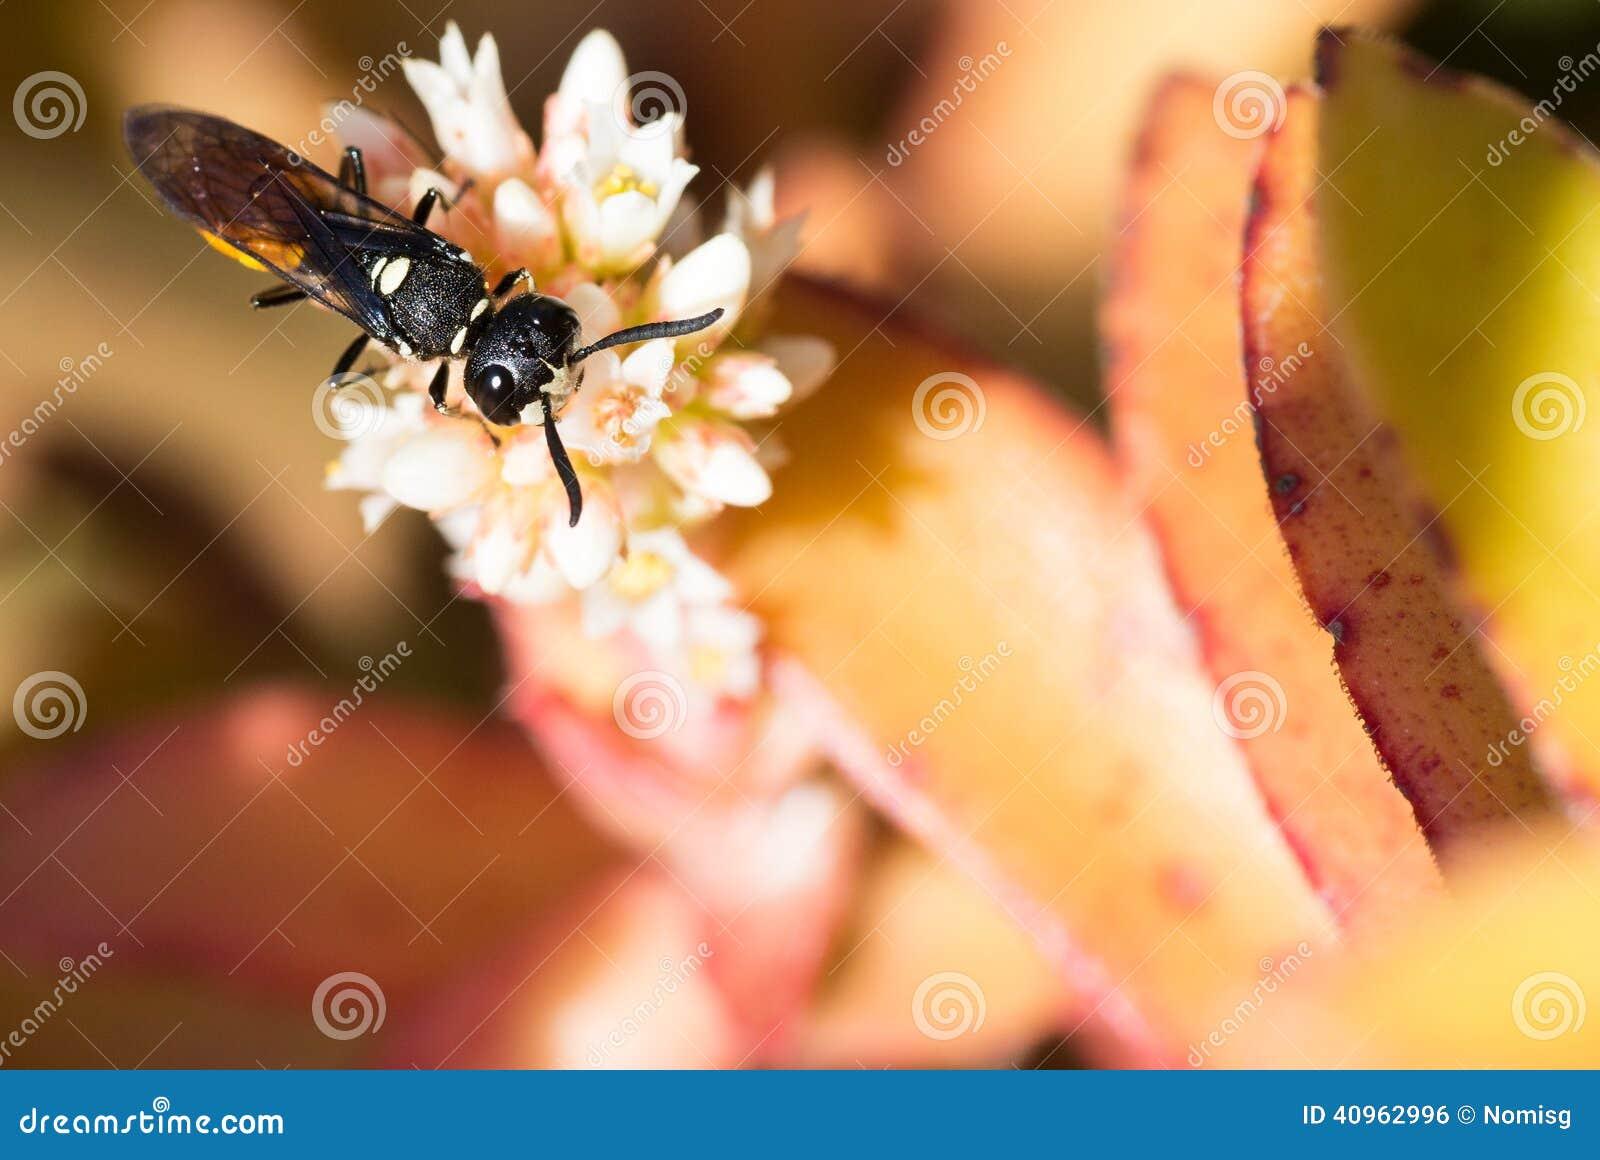 kleines insekt auf wei er blume stockfoto bild 40962996. Black Bedroom Furniture Sets. Home Design Ideas